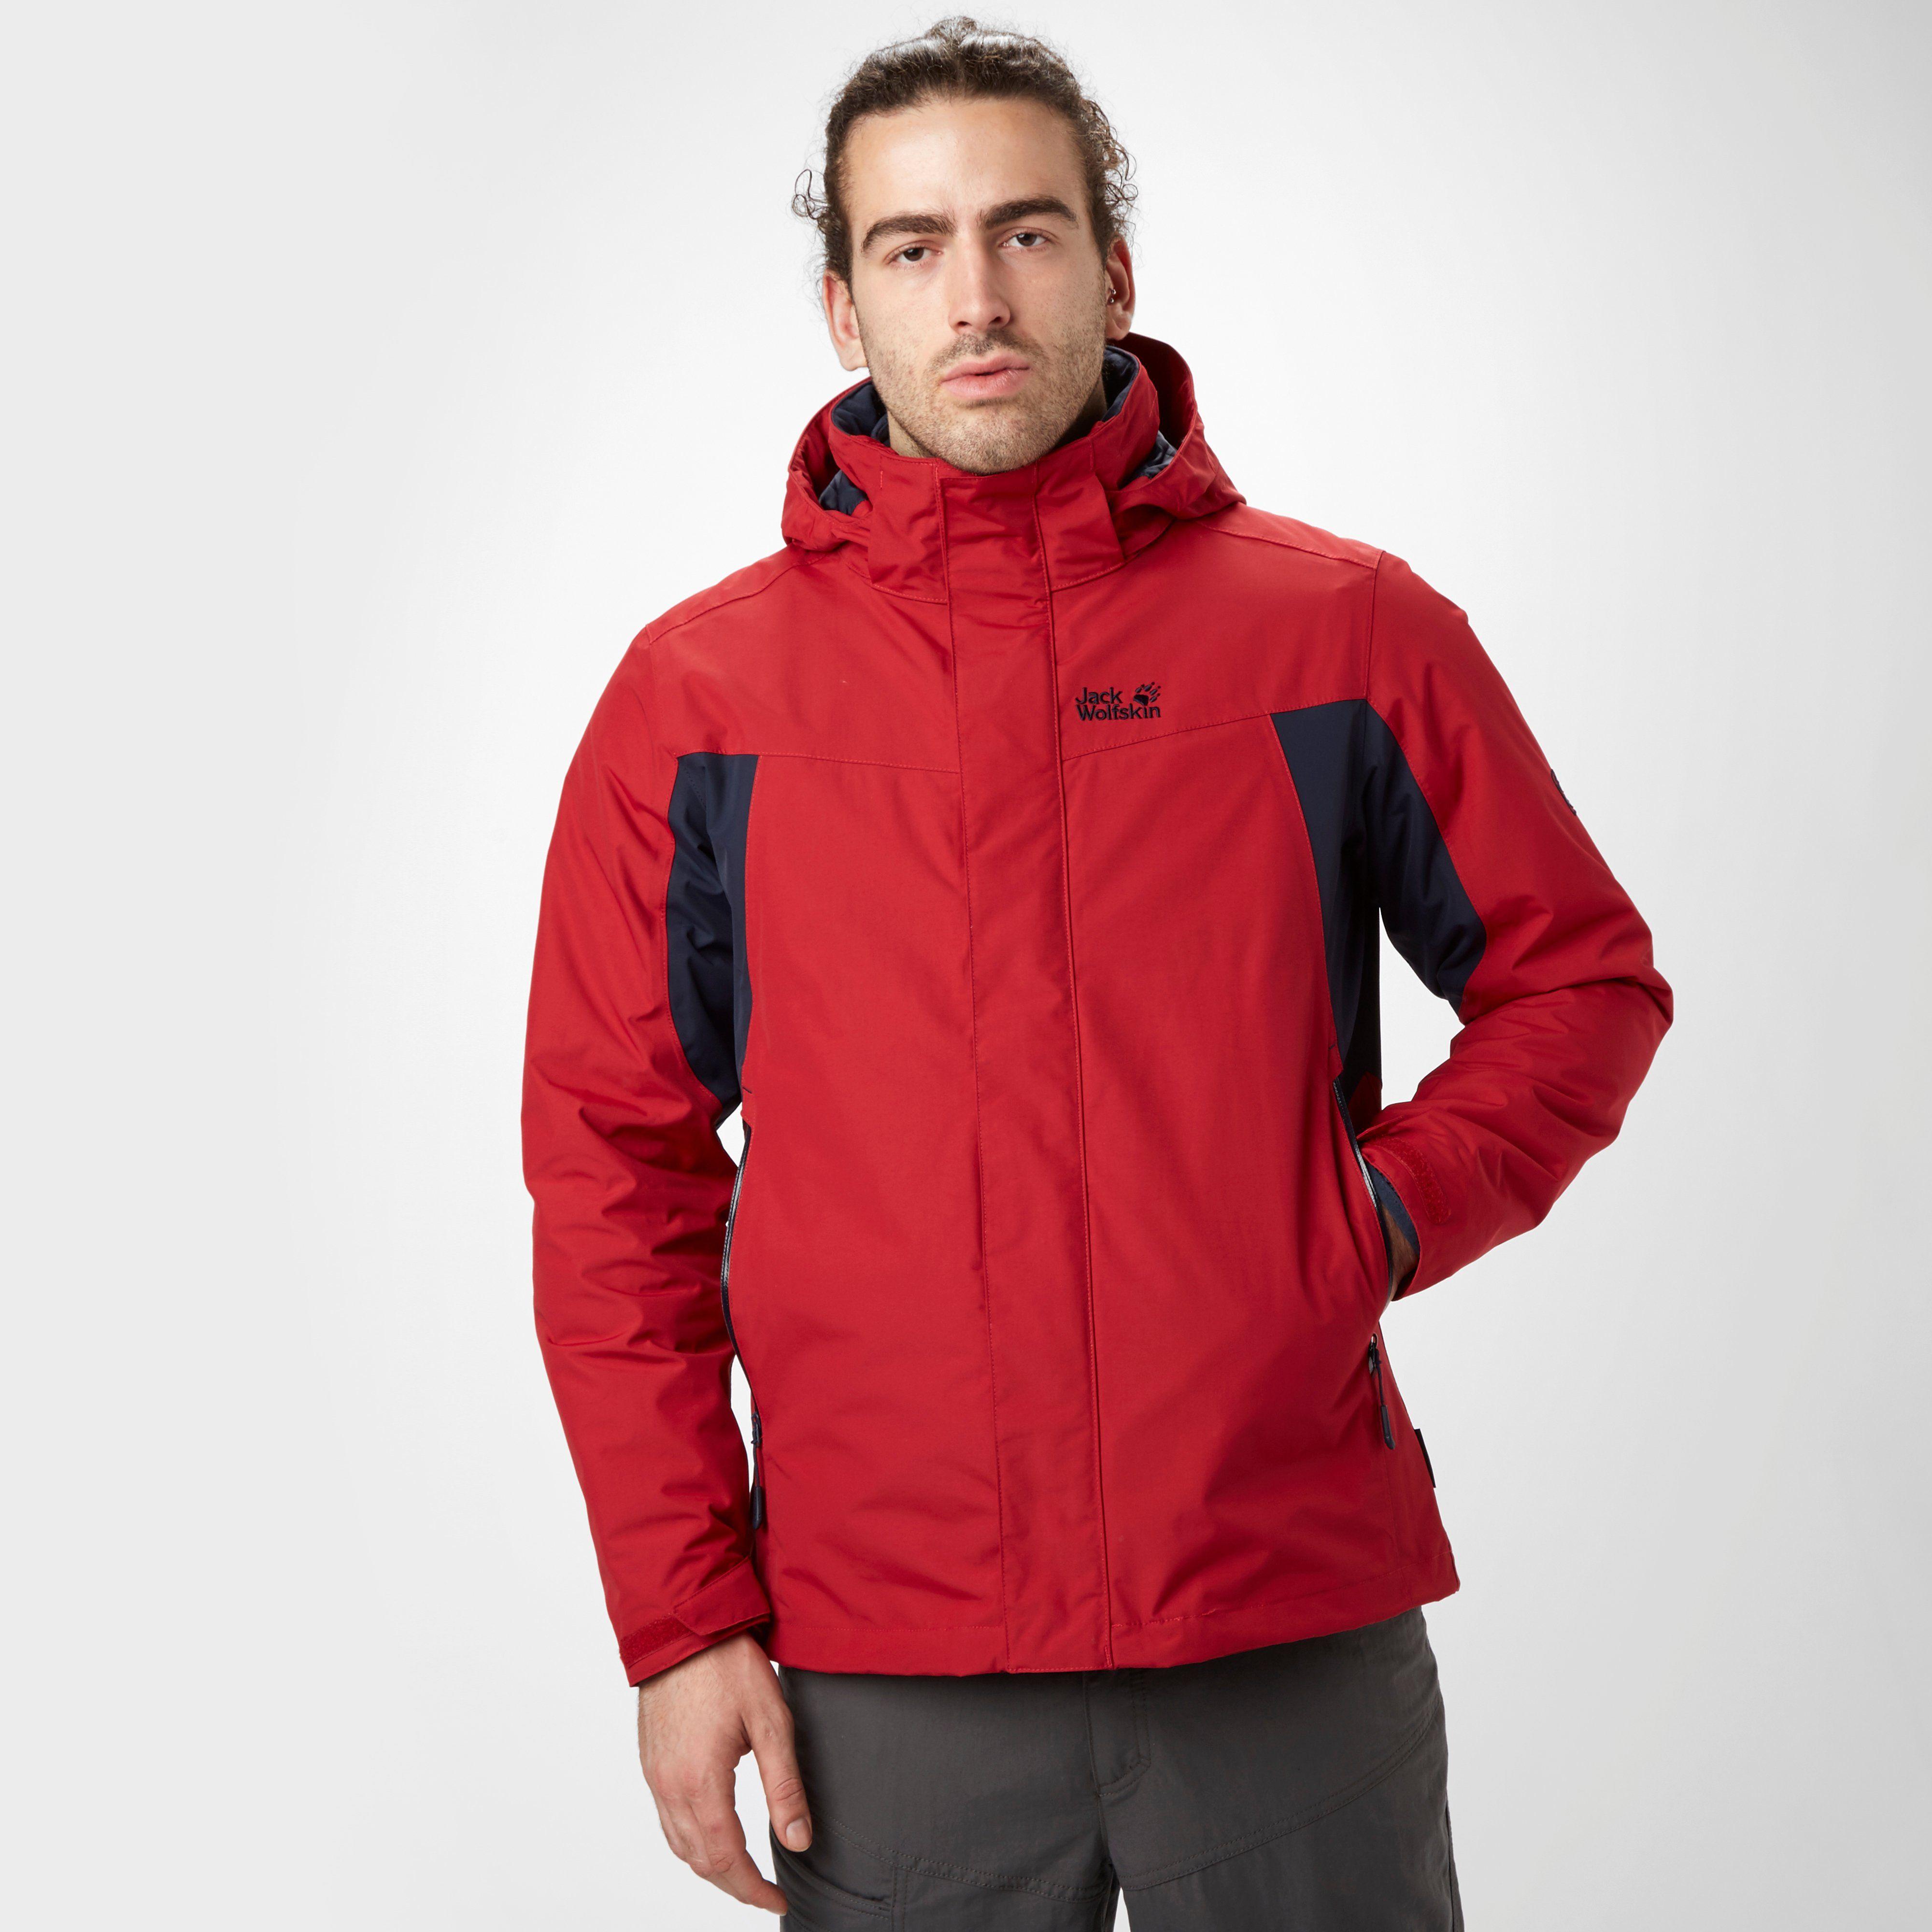 JACK WOLFSKIN Men's Nansen 3-in-1 Jacket